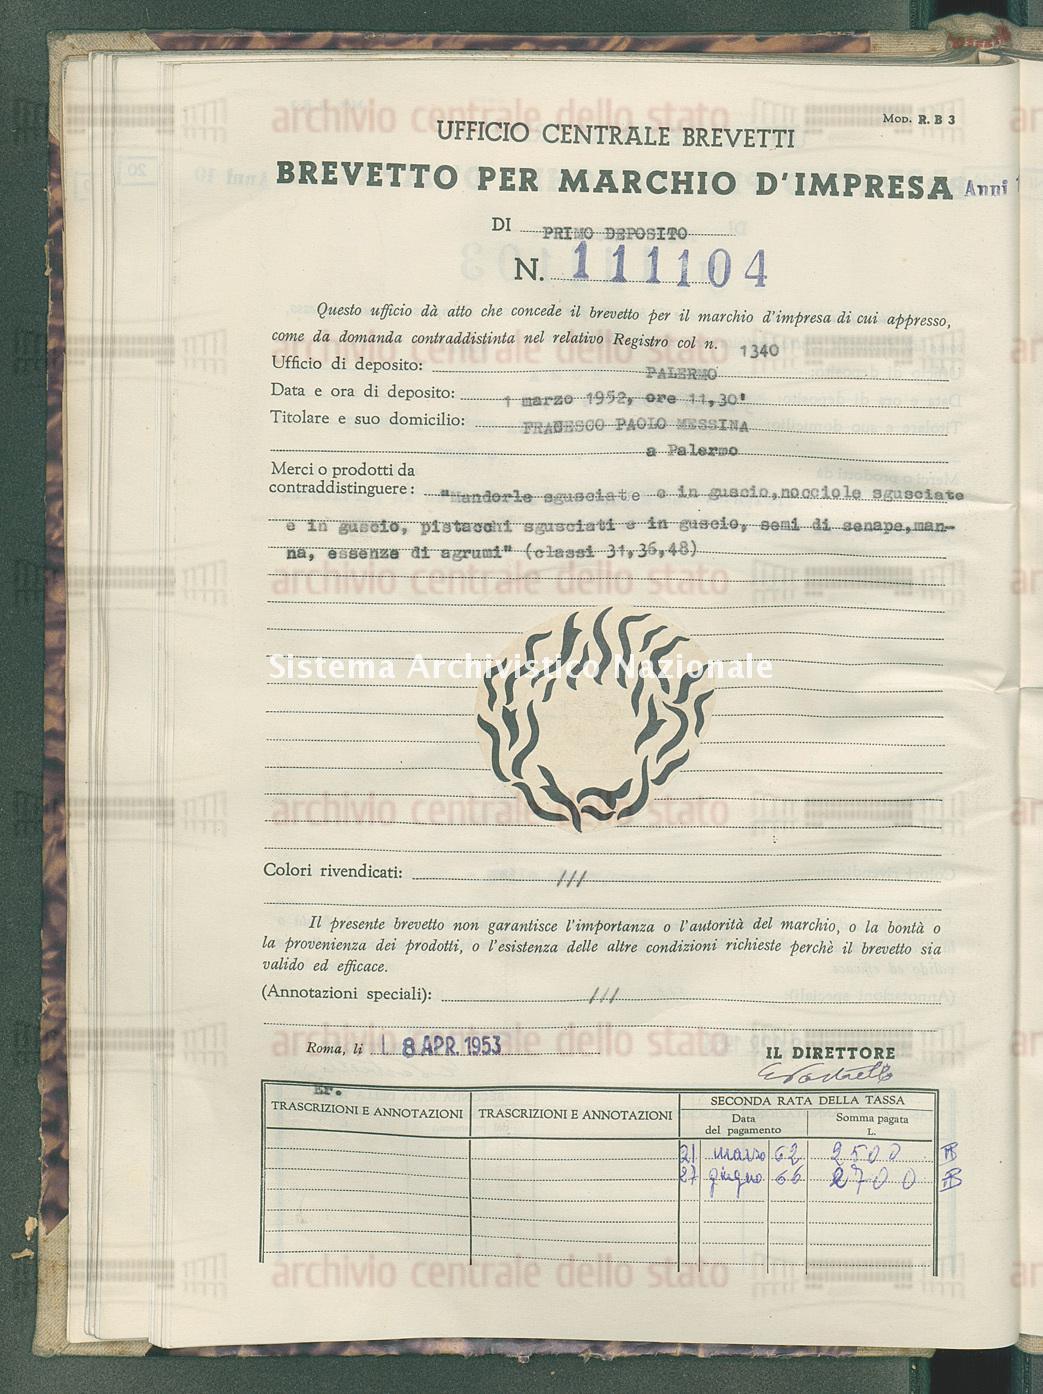 'Mandorle sgusciate e in guscio, nocciole sgusciate e in guscio, ecc. Fracesco Paolo Messina (08/04/1953)